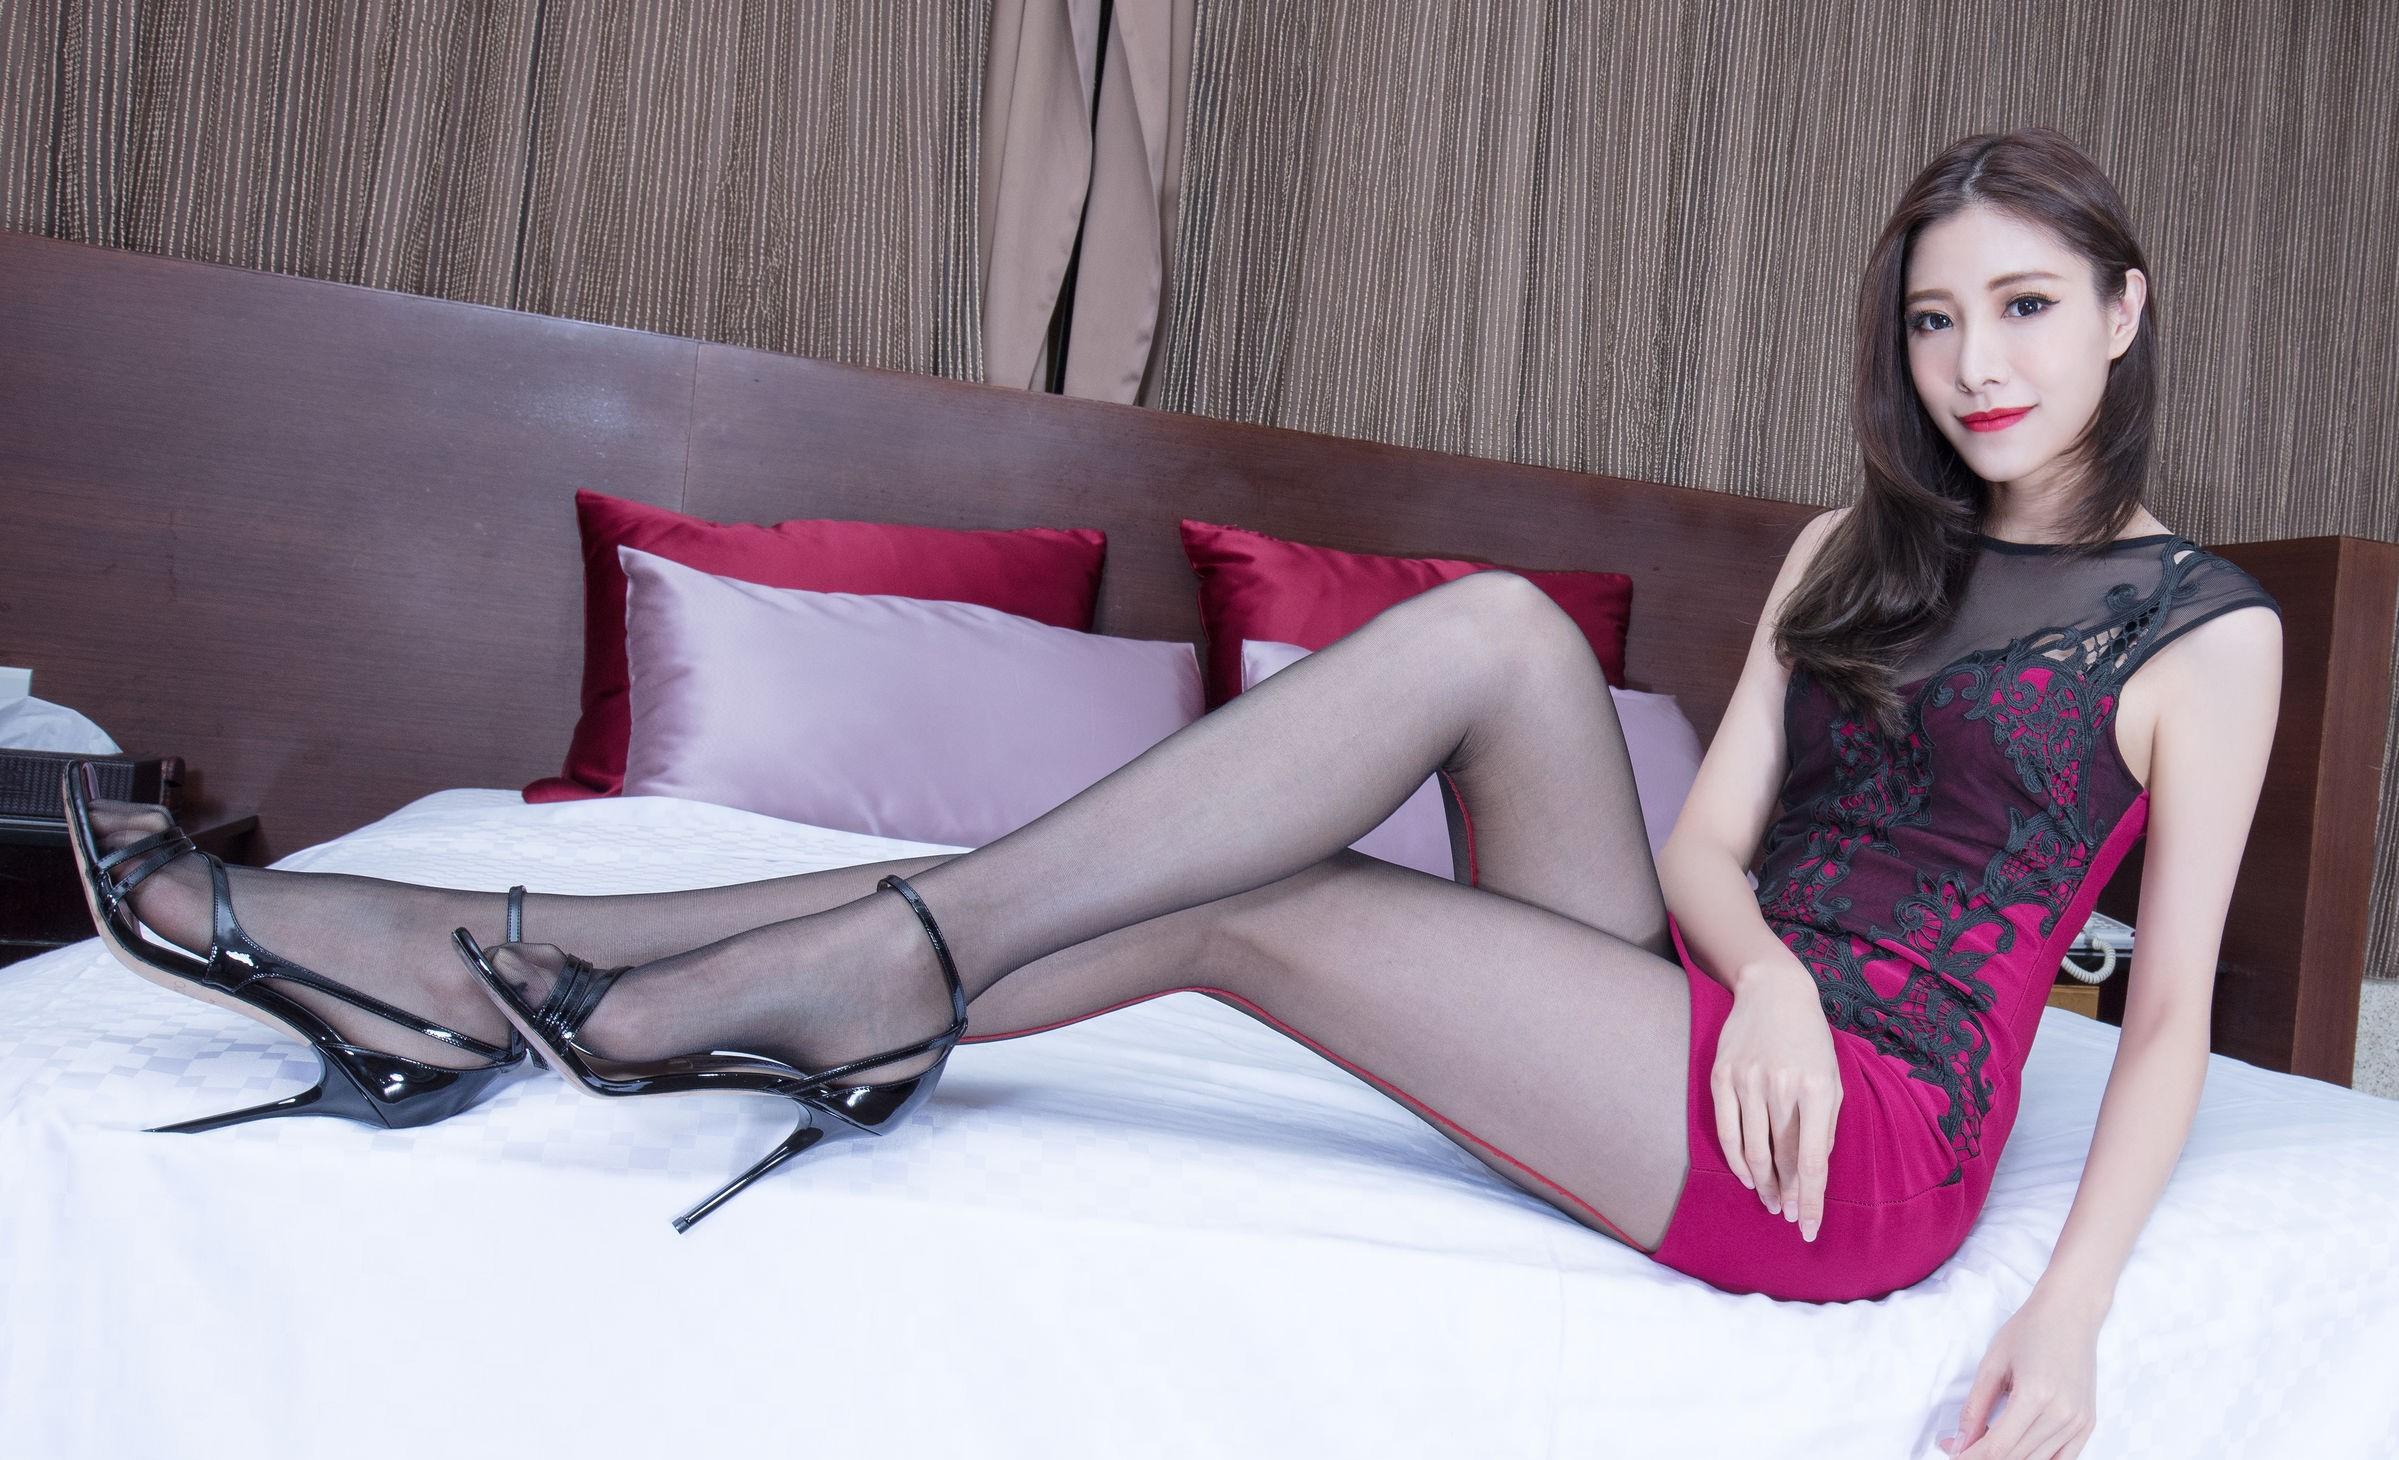 ドレスを着た美女の黒パンスト足 10